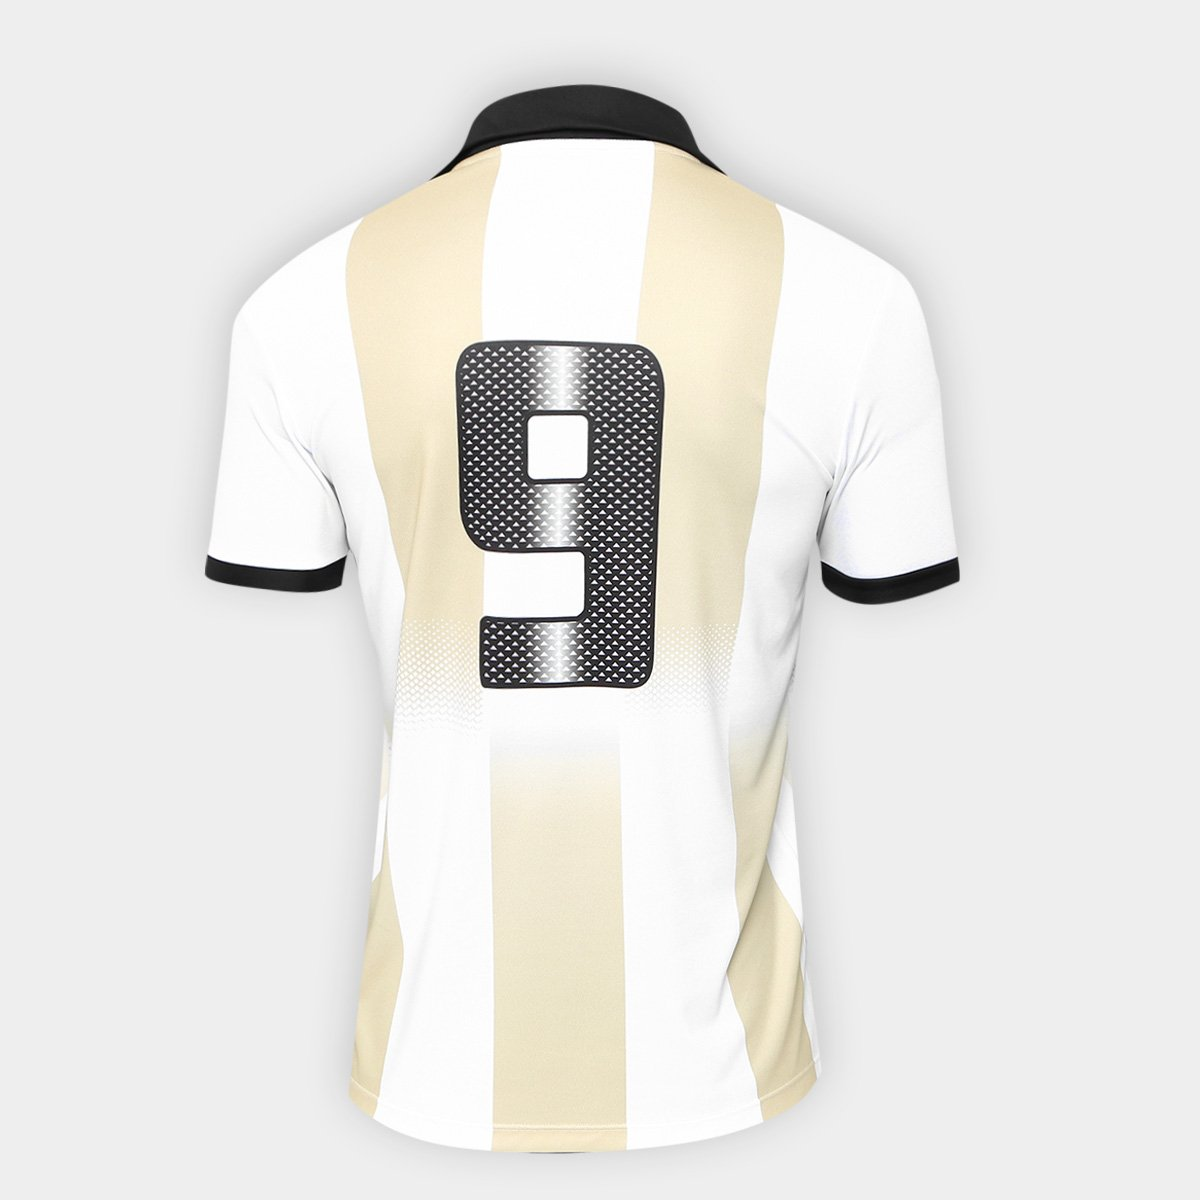 ... Camisa Corinthians n° 9 Centenário - Edição Limitada Masculina ... 8c6e336c85c2b